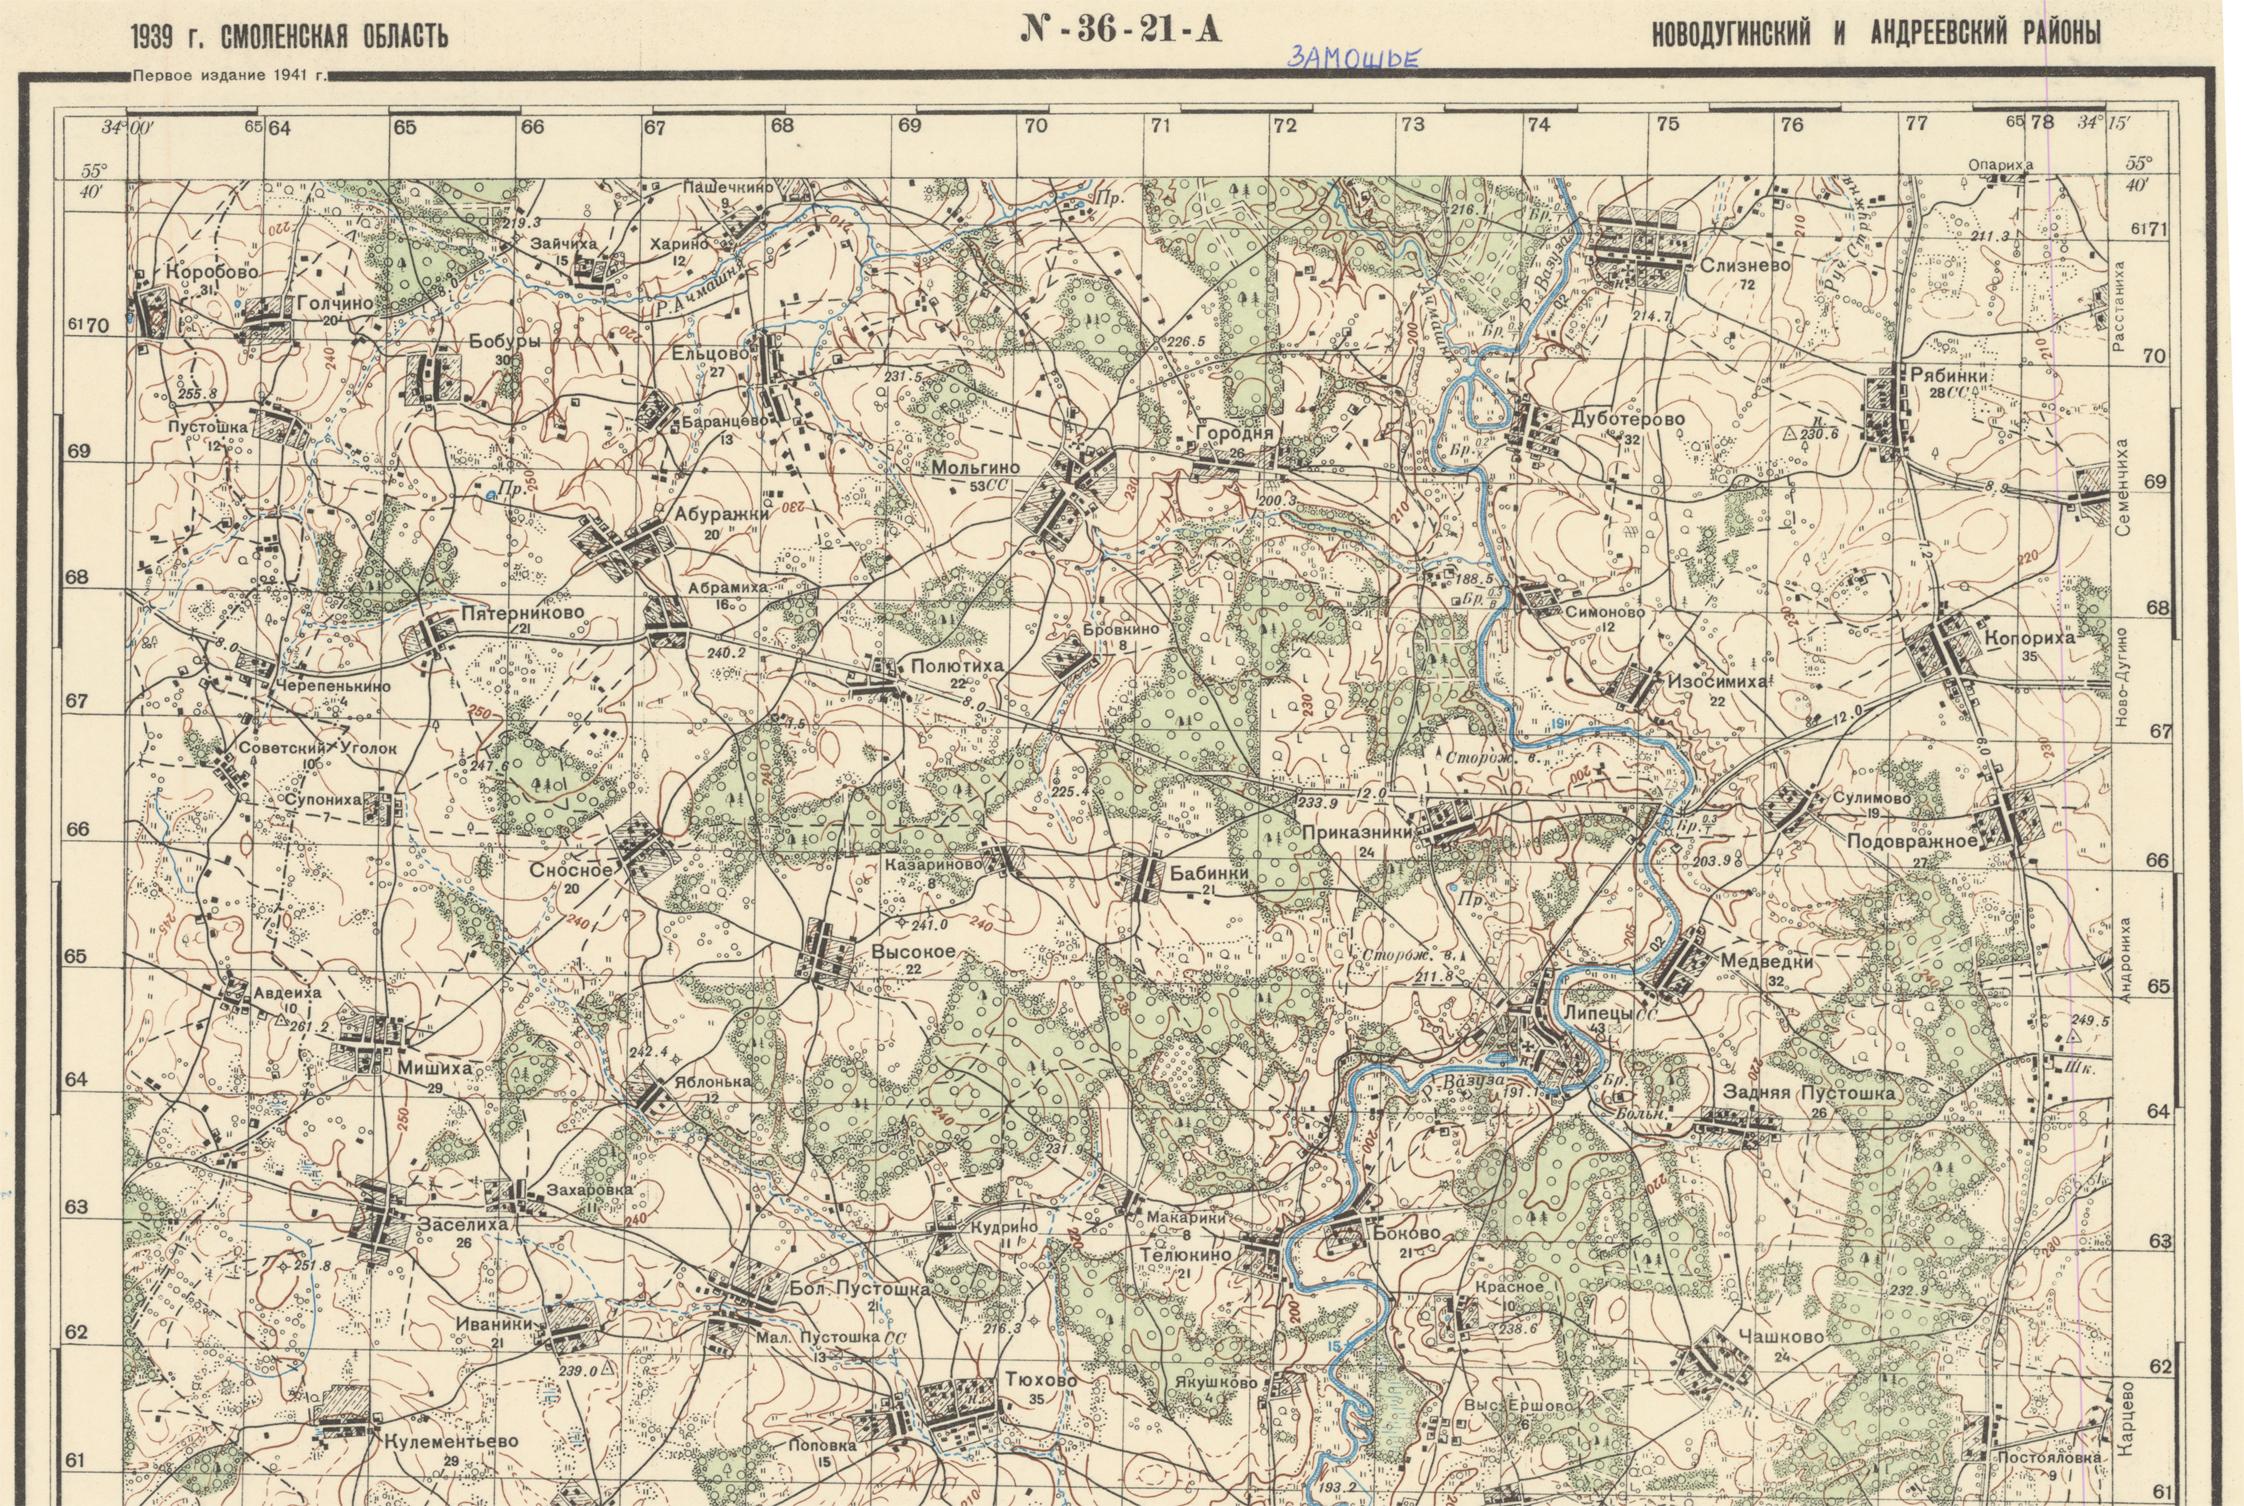 Географические карты/россия/ карты ркка n-36 (1 км).